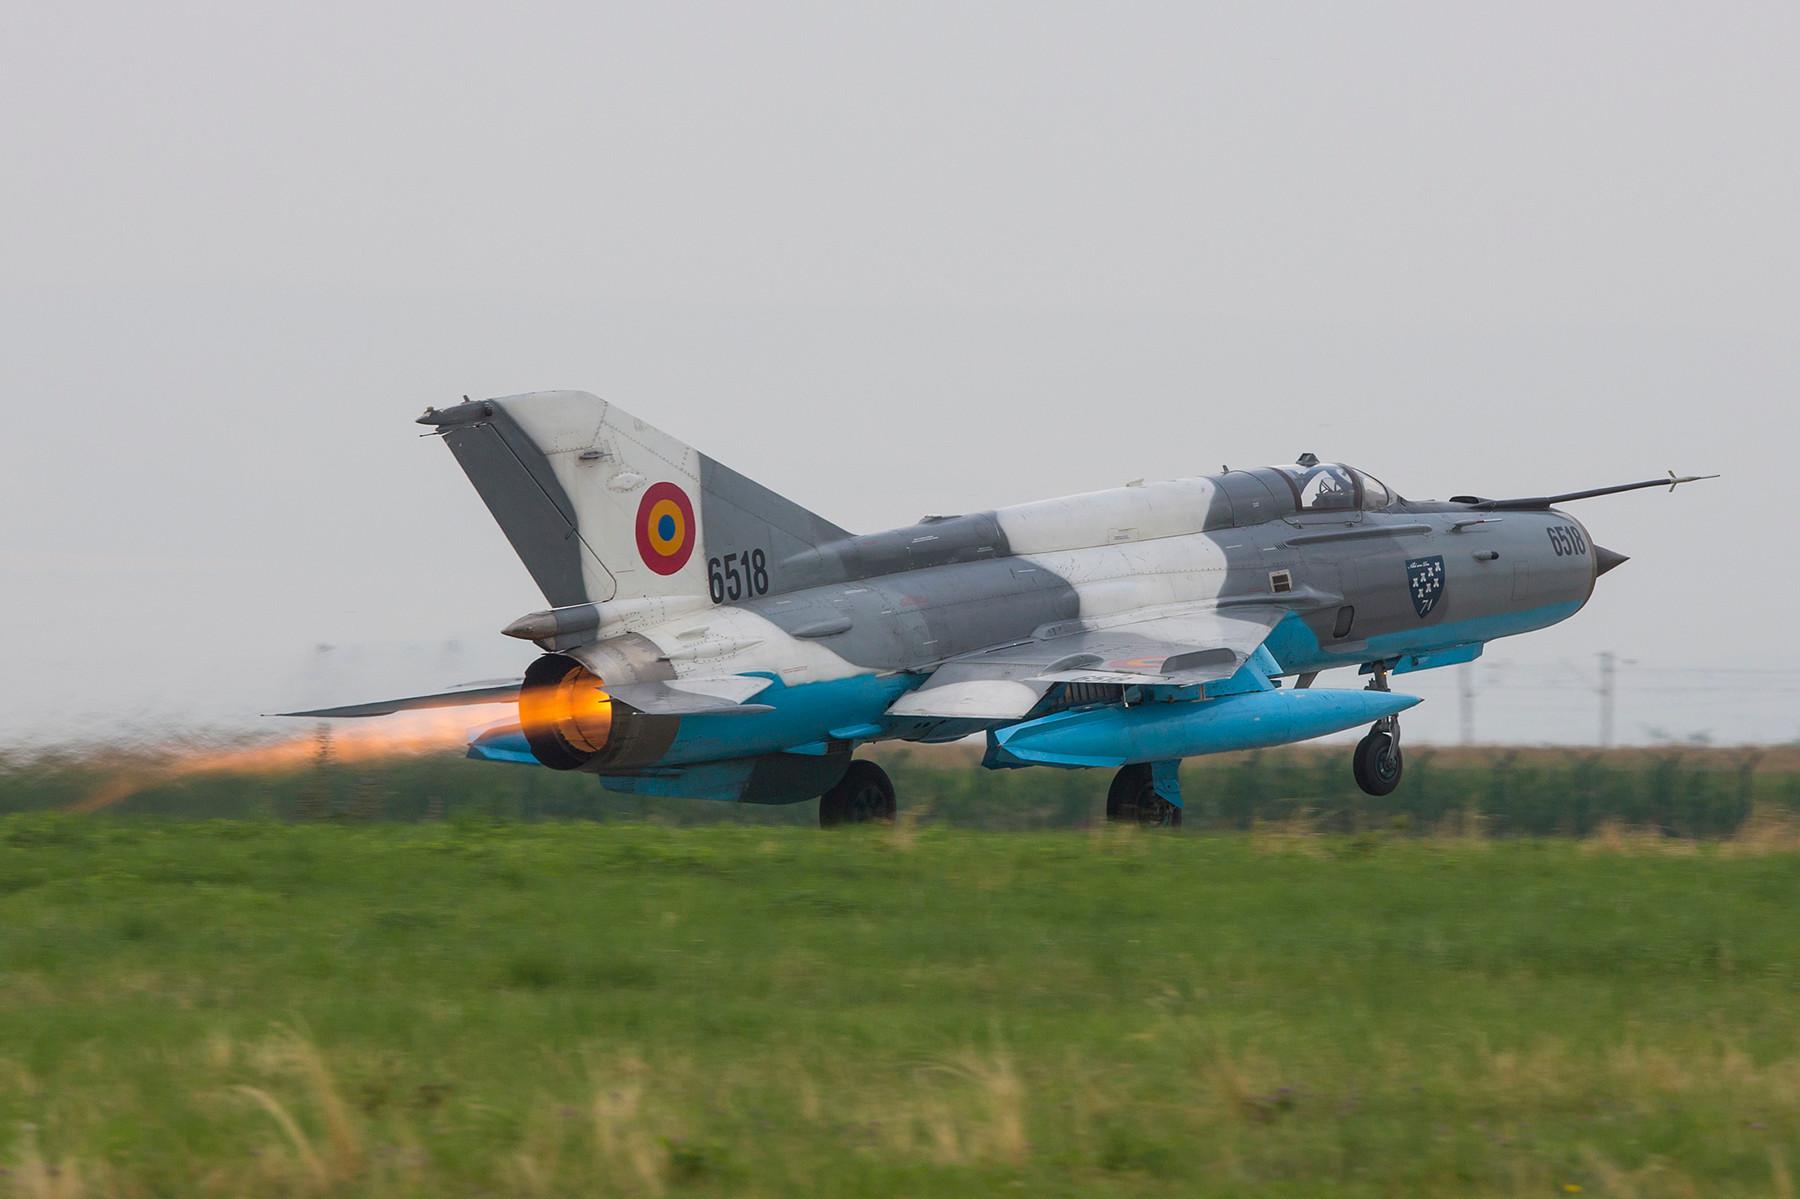 Auch die 6518 war vor der Umrüstung eine Mig-21MF-75, die ab 1975 an die rumänische Luftwaffe geliefert wurden.